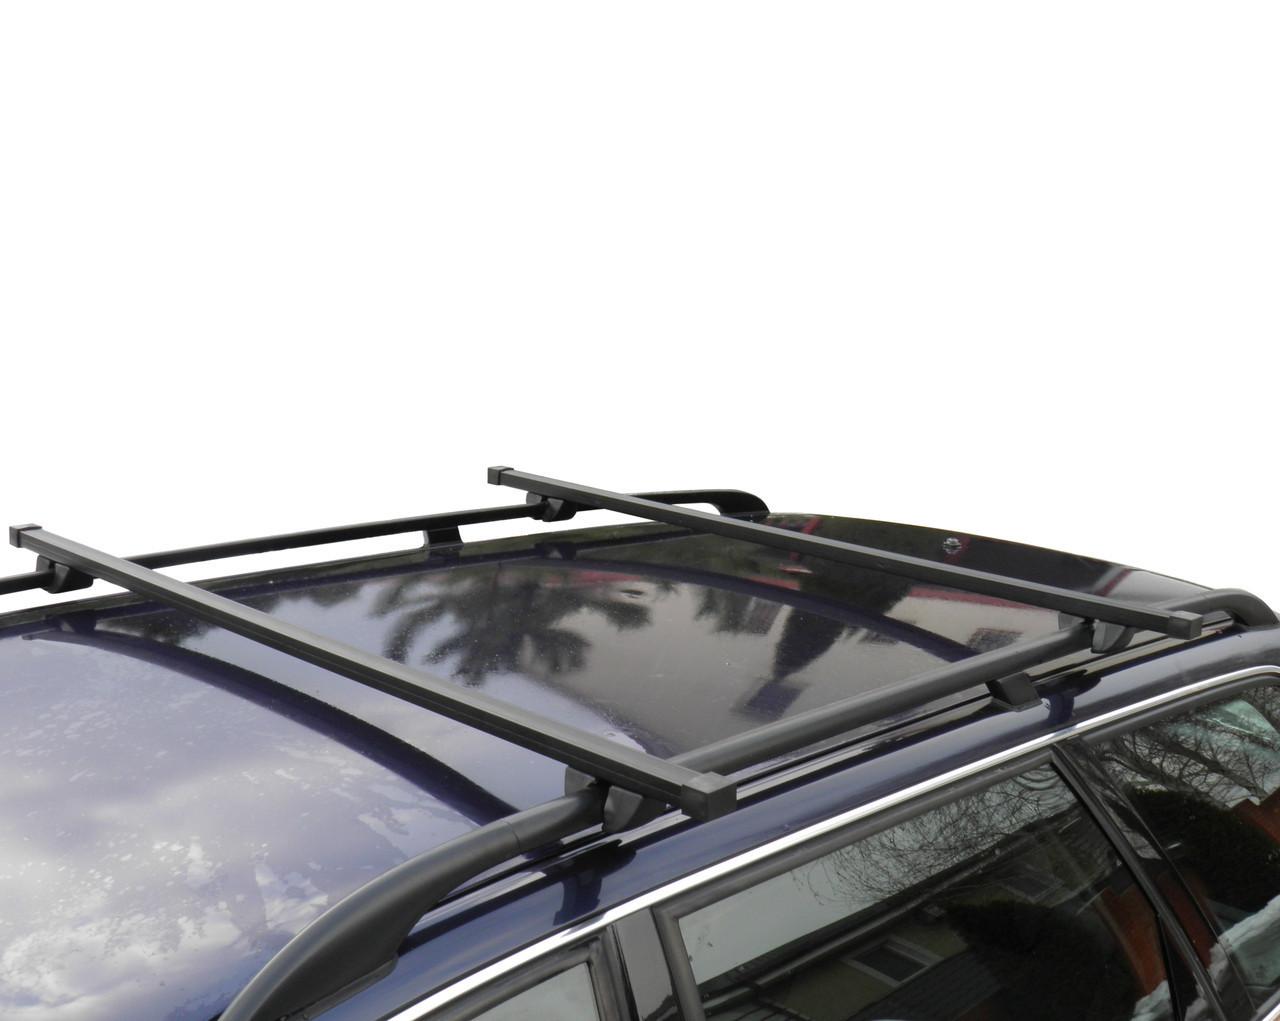 Кенгуру Рейлинг 140см - универсальный багажник на крышу авто со штатными рейлингами